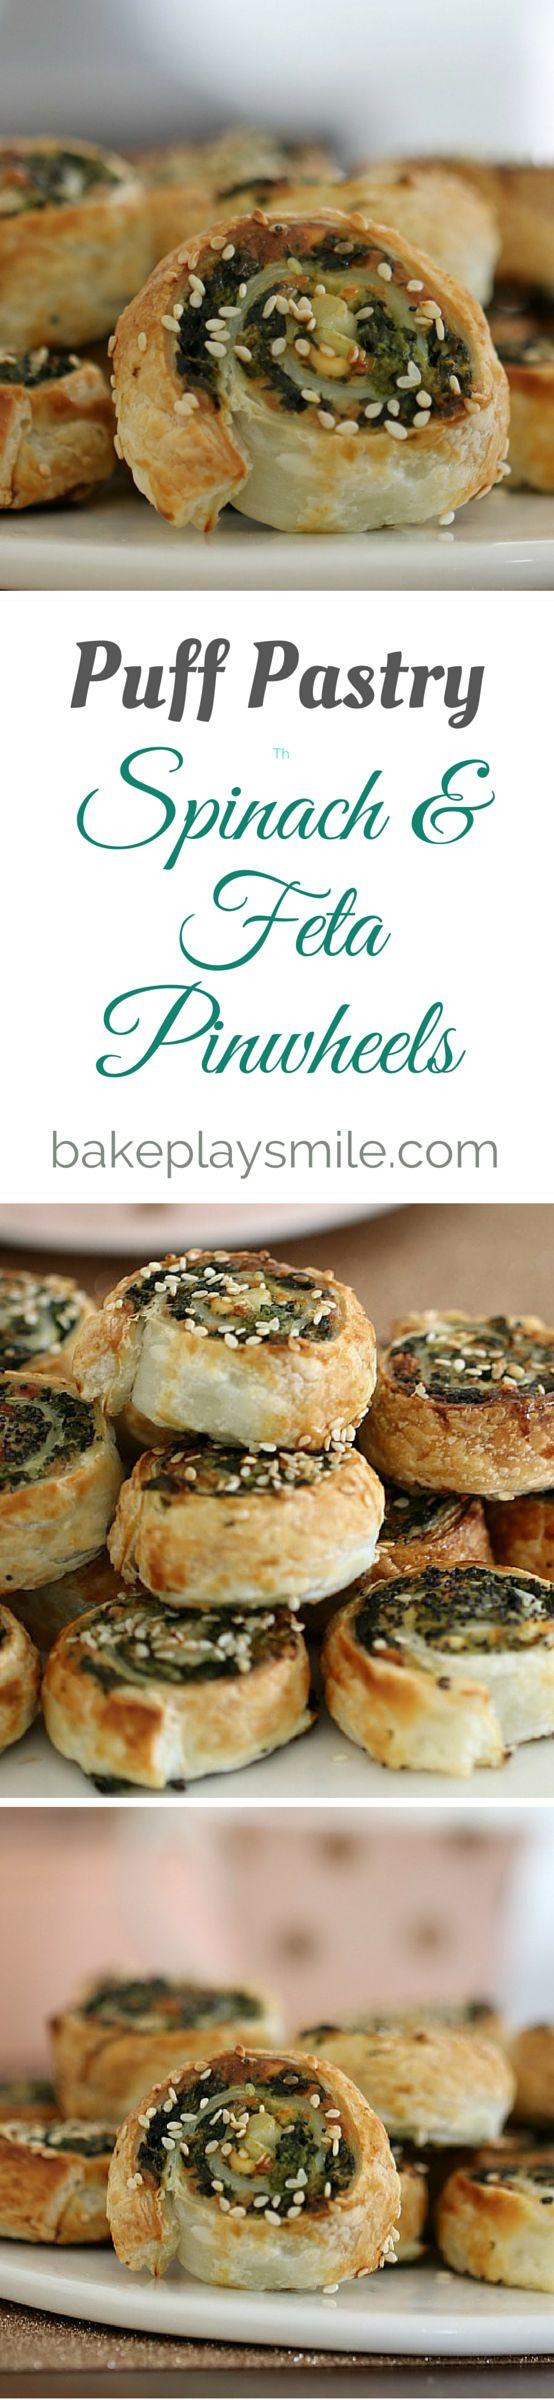 Spinach pinwheels